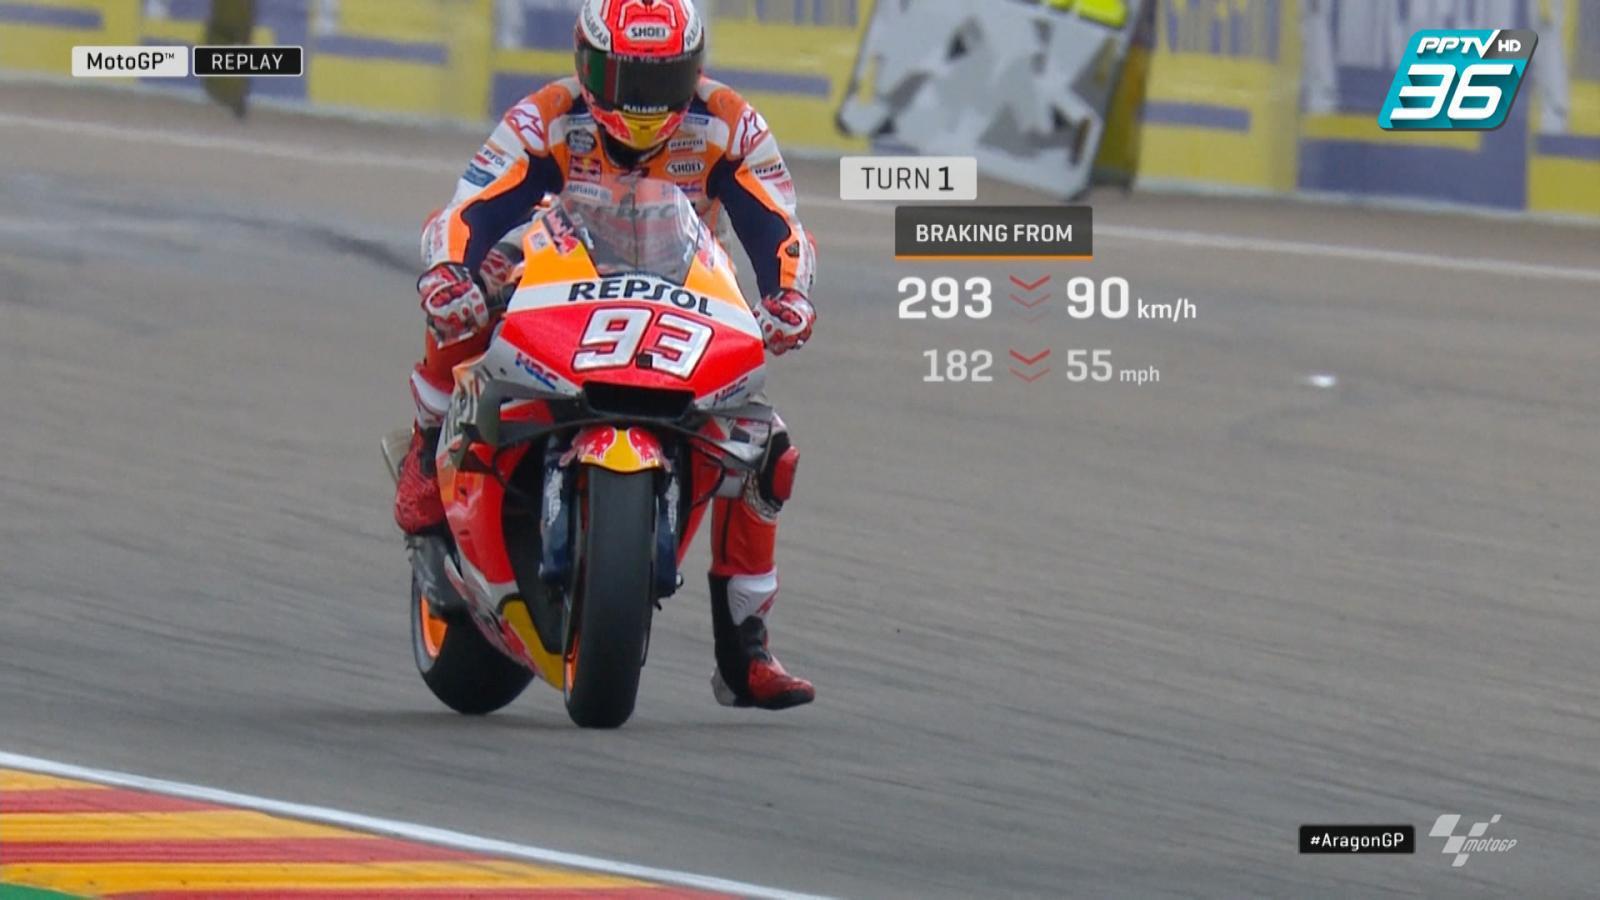 การเบรคของ Marc Marquez จาก 293 ลงมาเหลือ 90 km/h